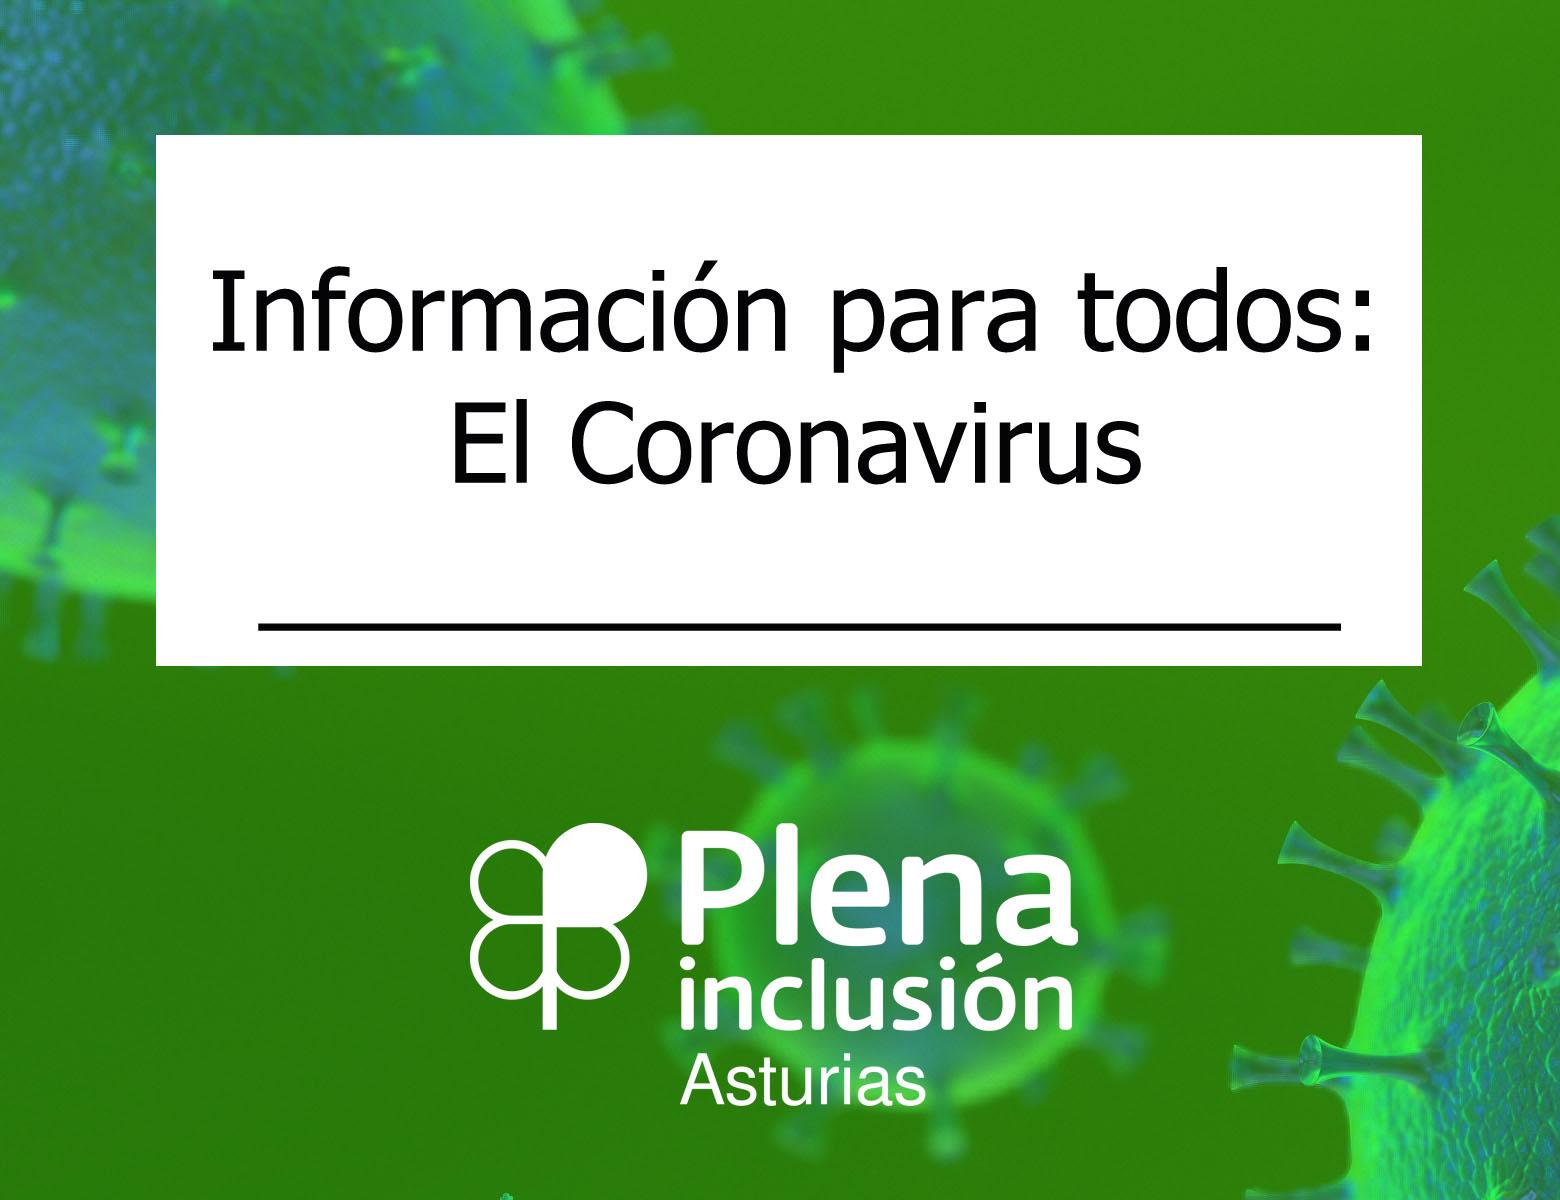 Información para todos: El coronavirus